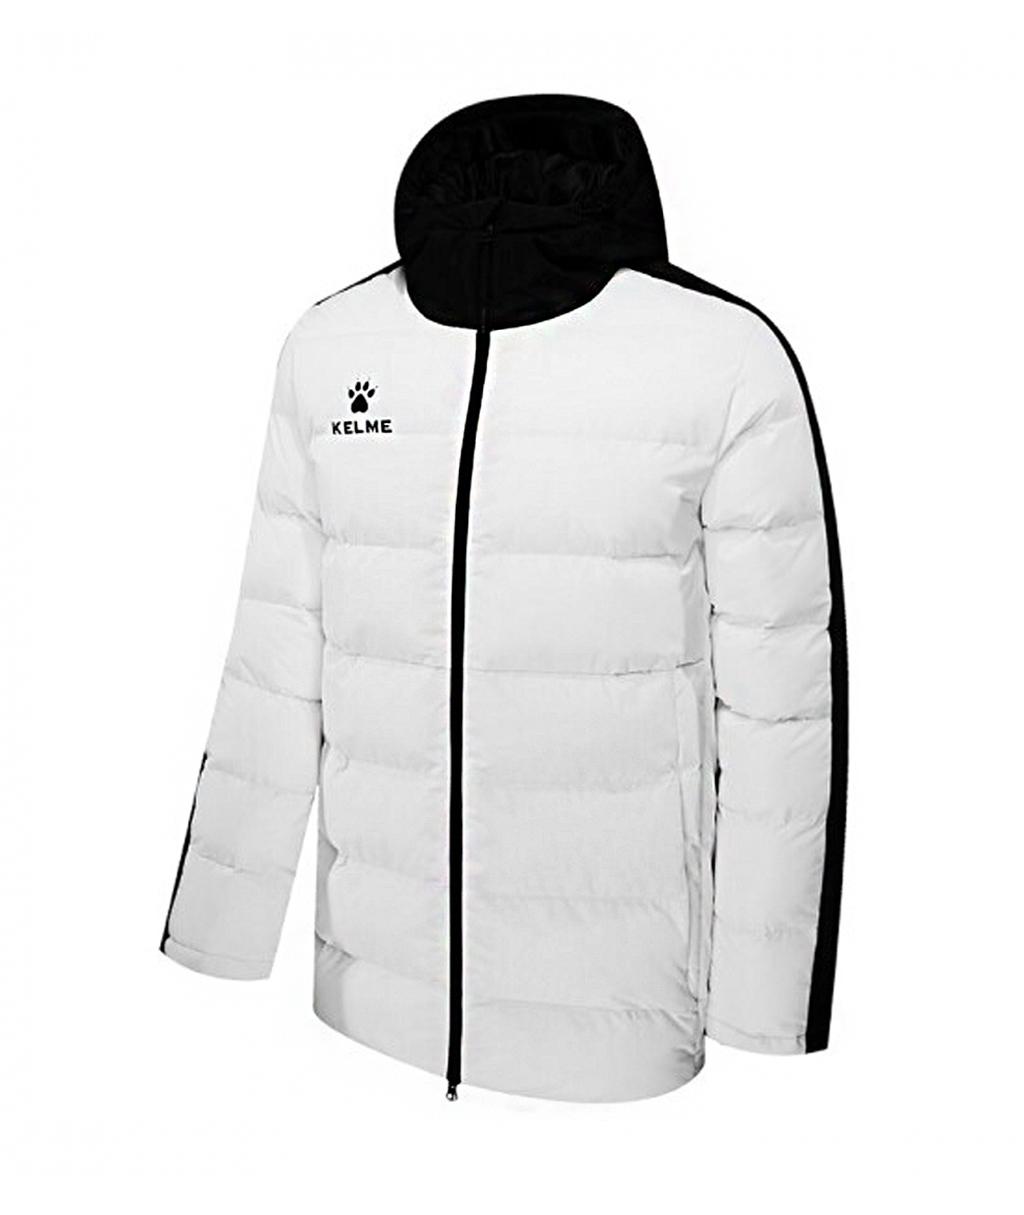 Белая утеплённая куртка Kelme Adult Padded Jacket 3881405-100